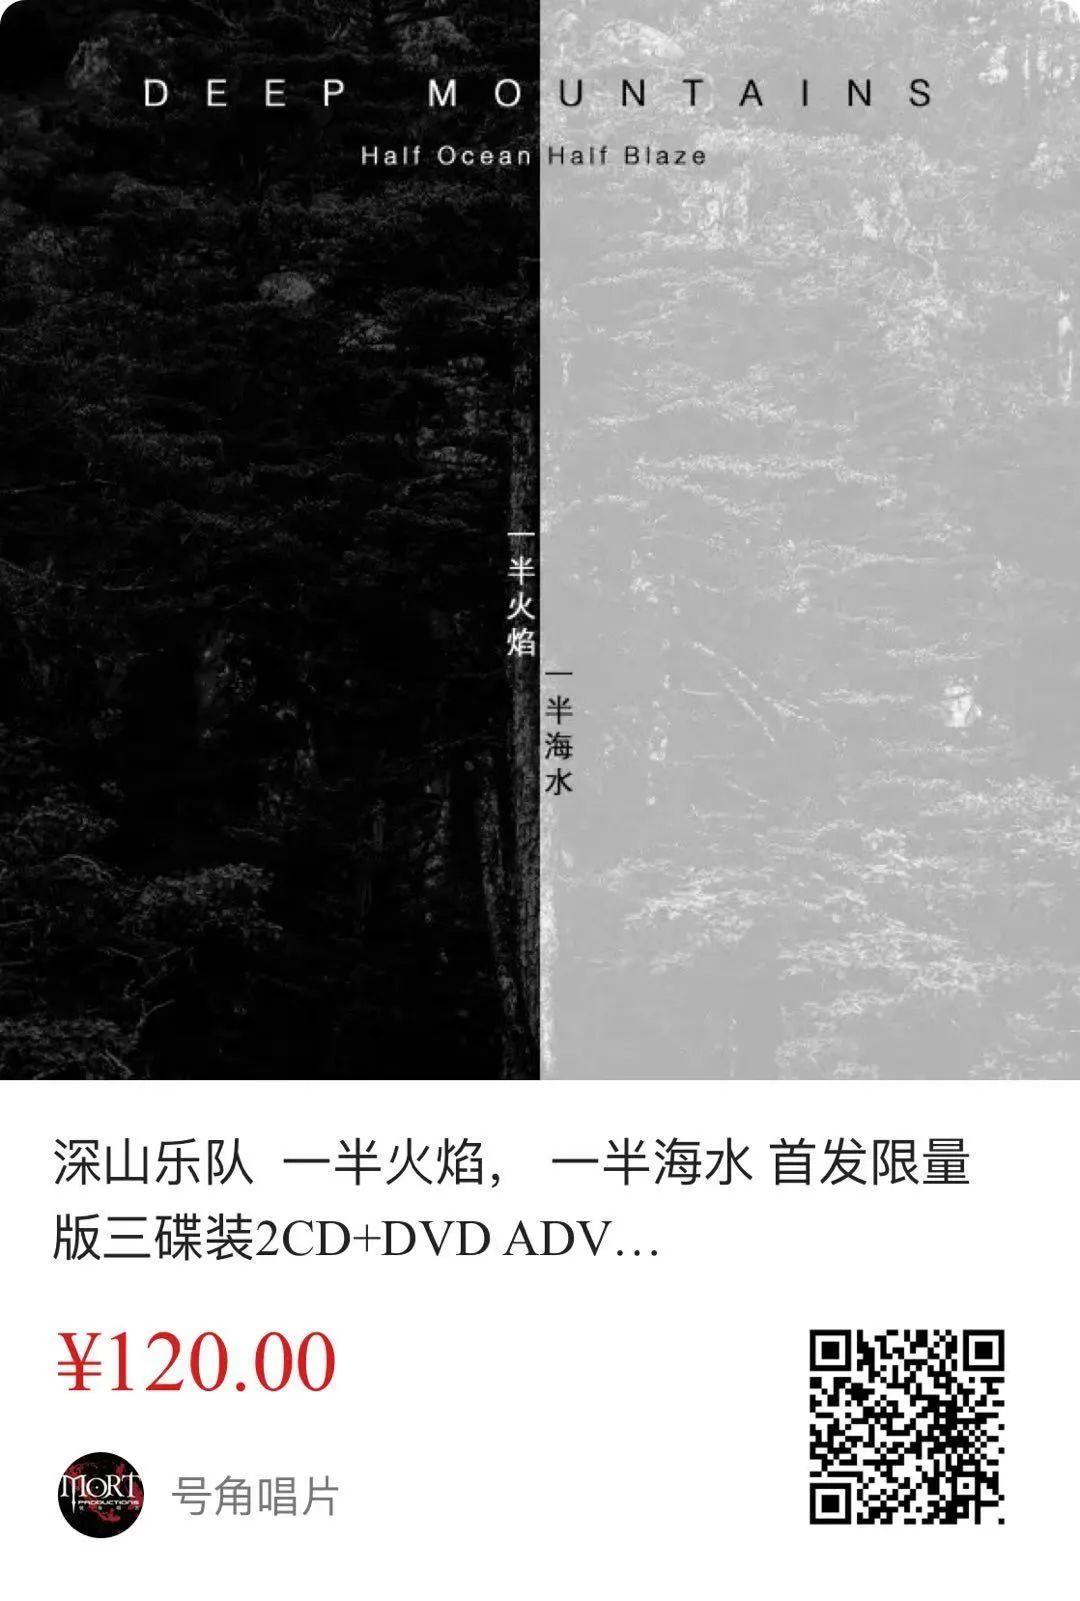 【抽奖】深山乐队十年纪念现场《一半火焰,一半海水》将于12月31日发行